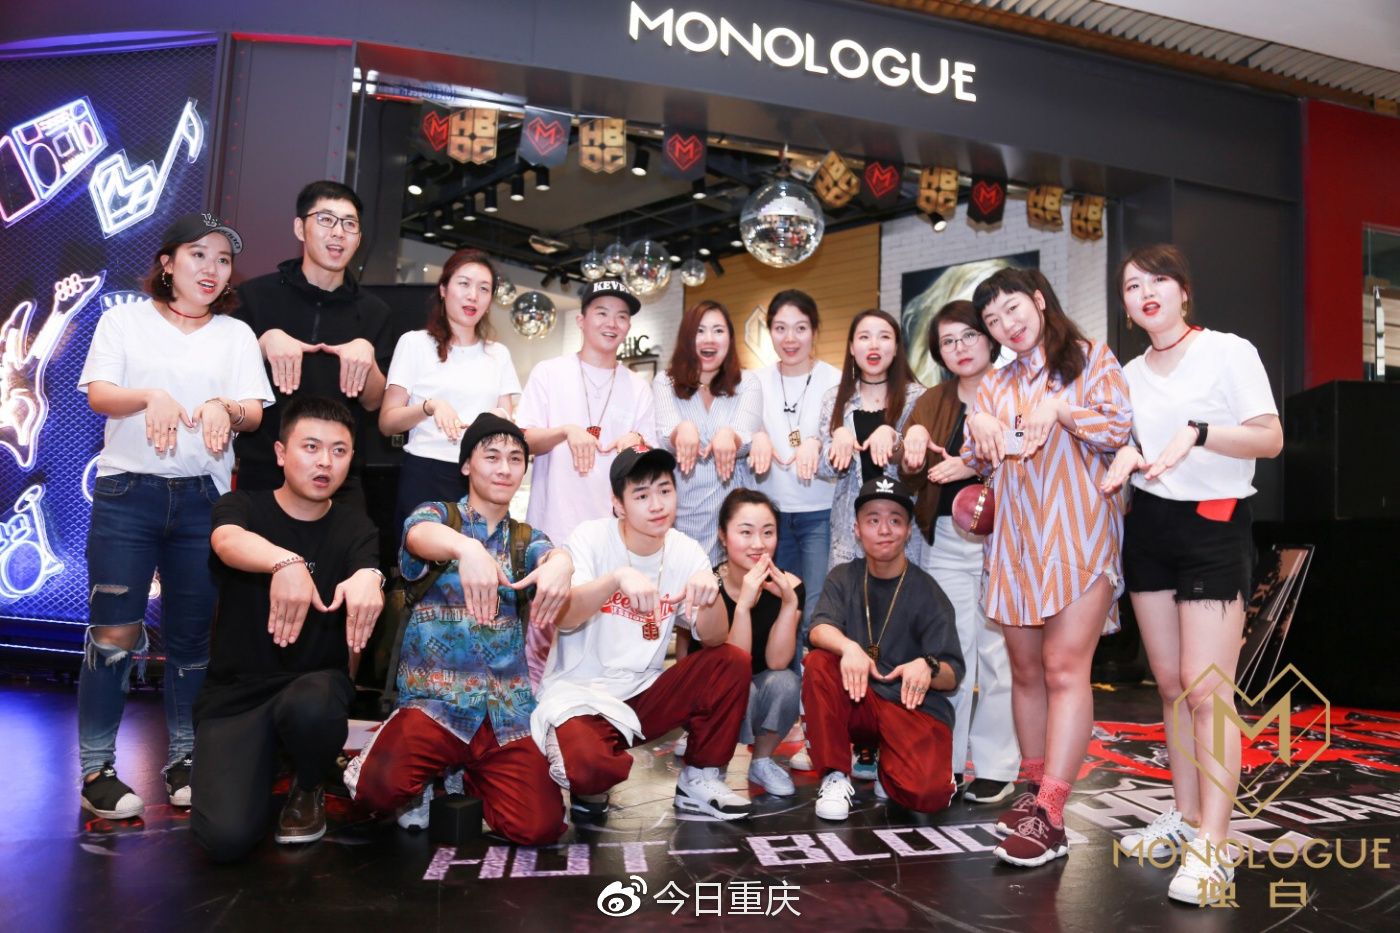 MONOLOGUE独白周视频大福潮搭旗下cocoa教程品牌图片